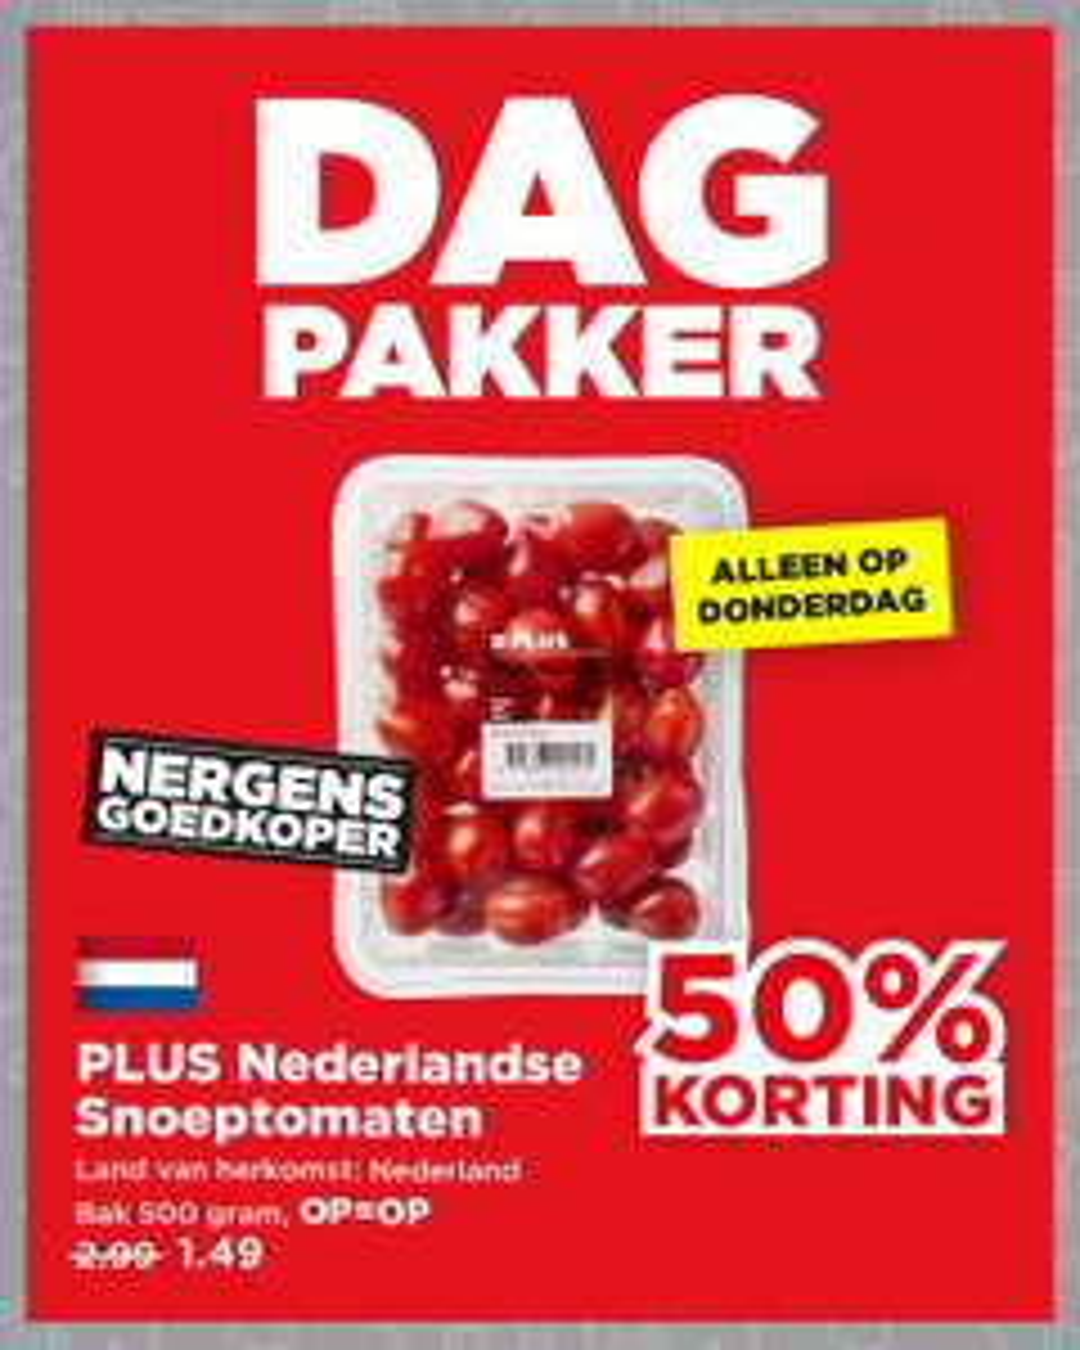 PLUS DagPakker --> Nederlandse Snoeptomaten, bak 500 gram van €2,99 voor €1,49